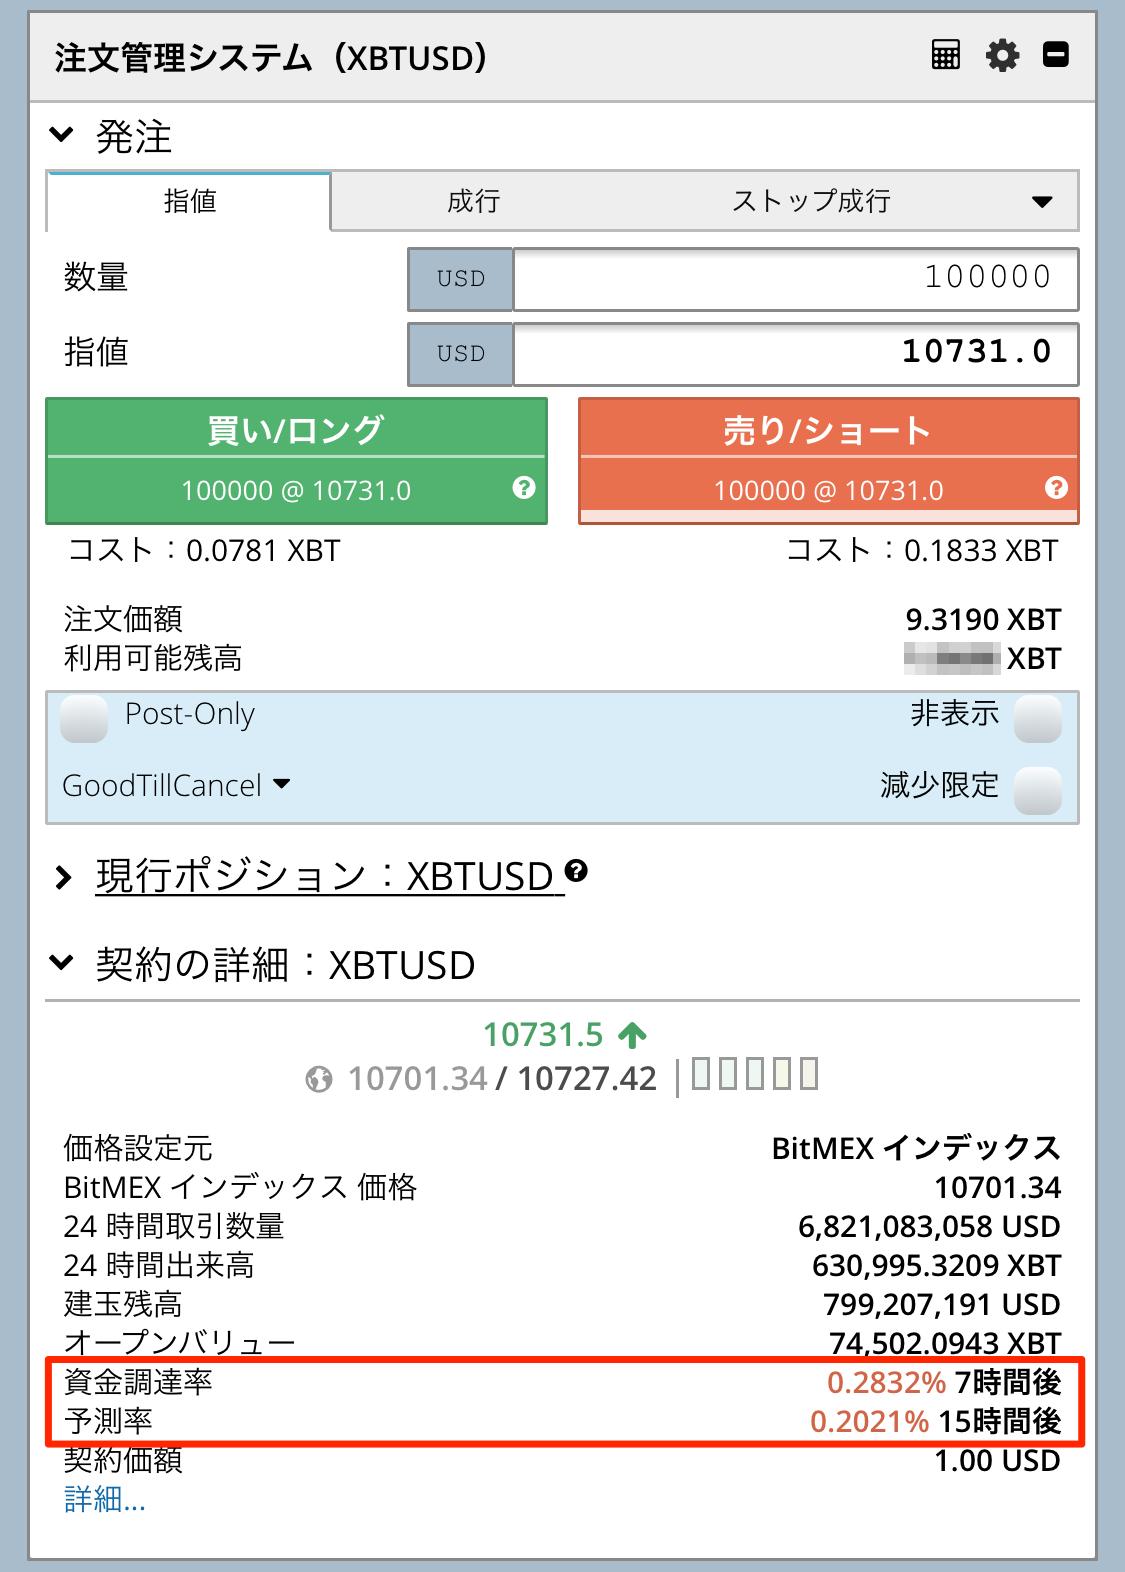 BitMEXスマホ画面での資金調達率